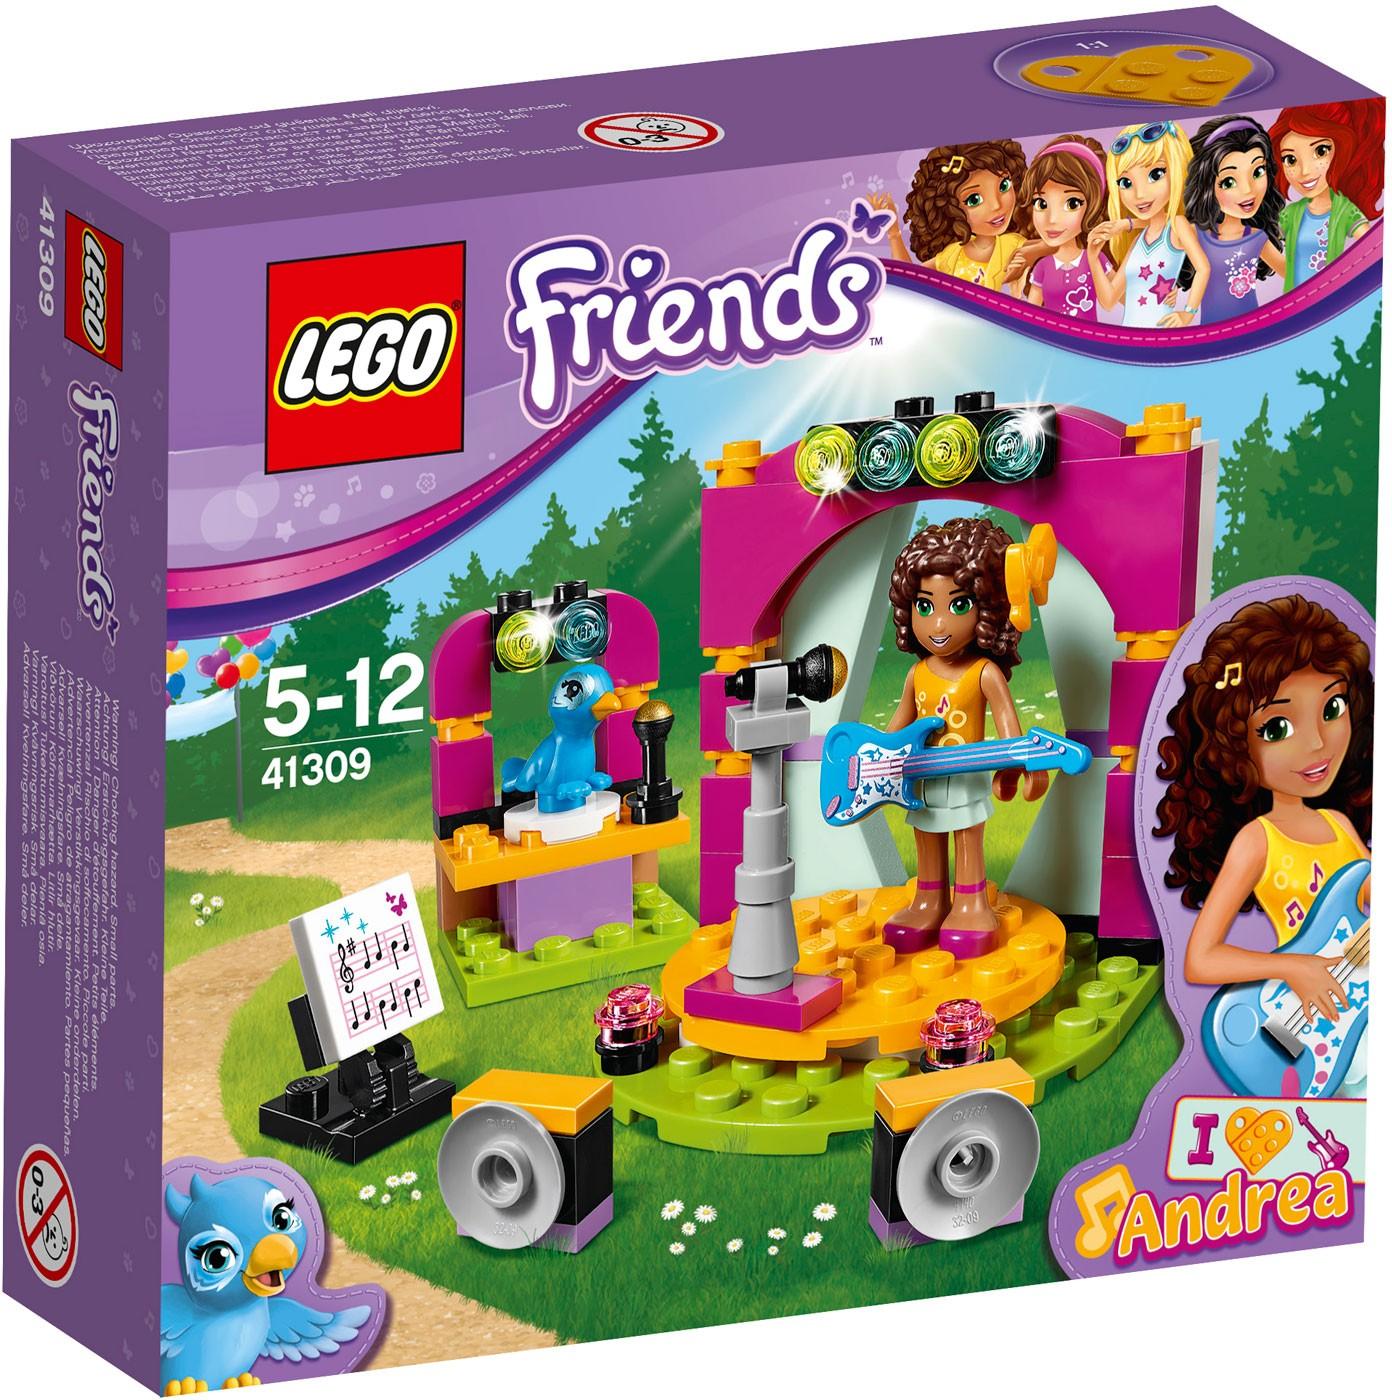 Heartlake Times 2014 Lego Friends Sets: Heartlake Times: 2017 LEGO Friends Sets